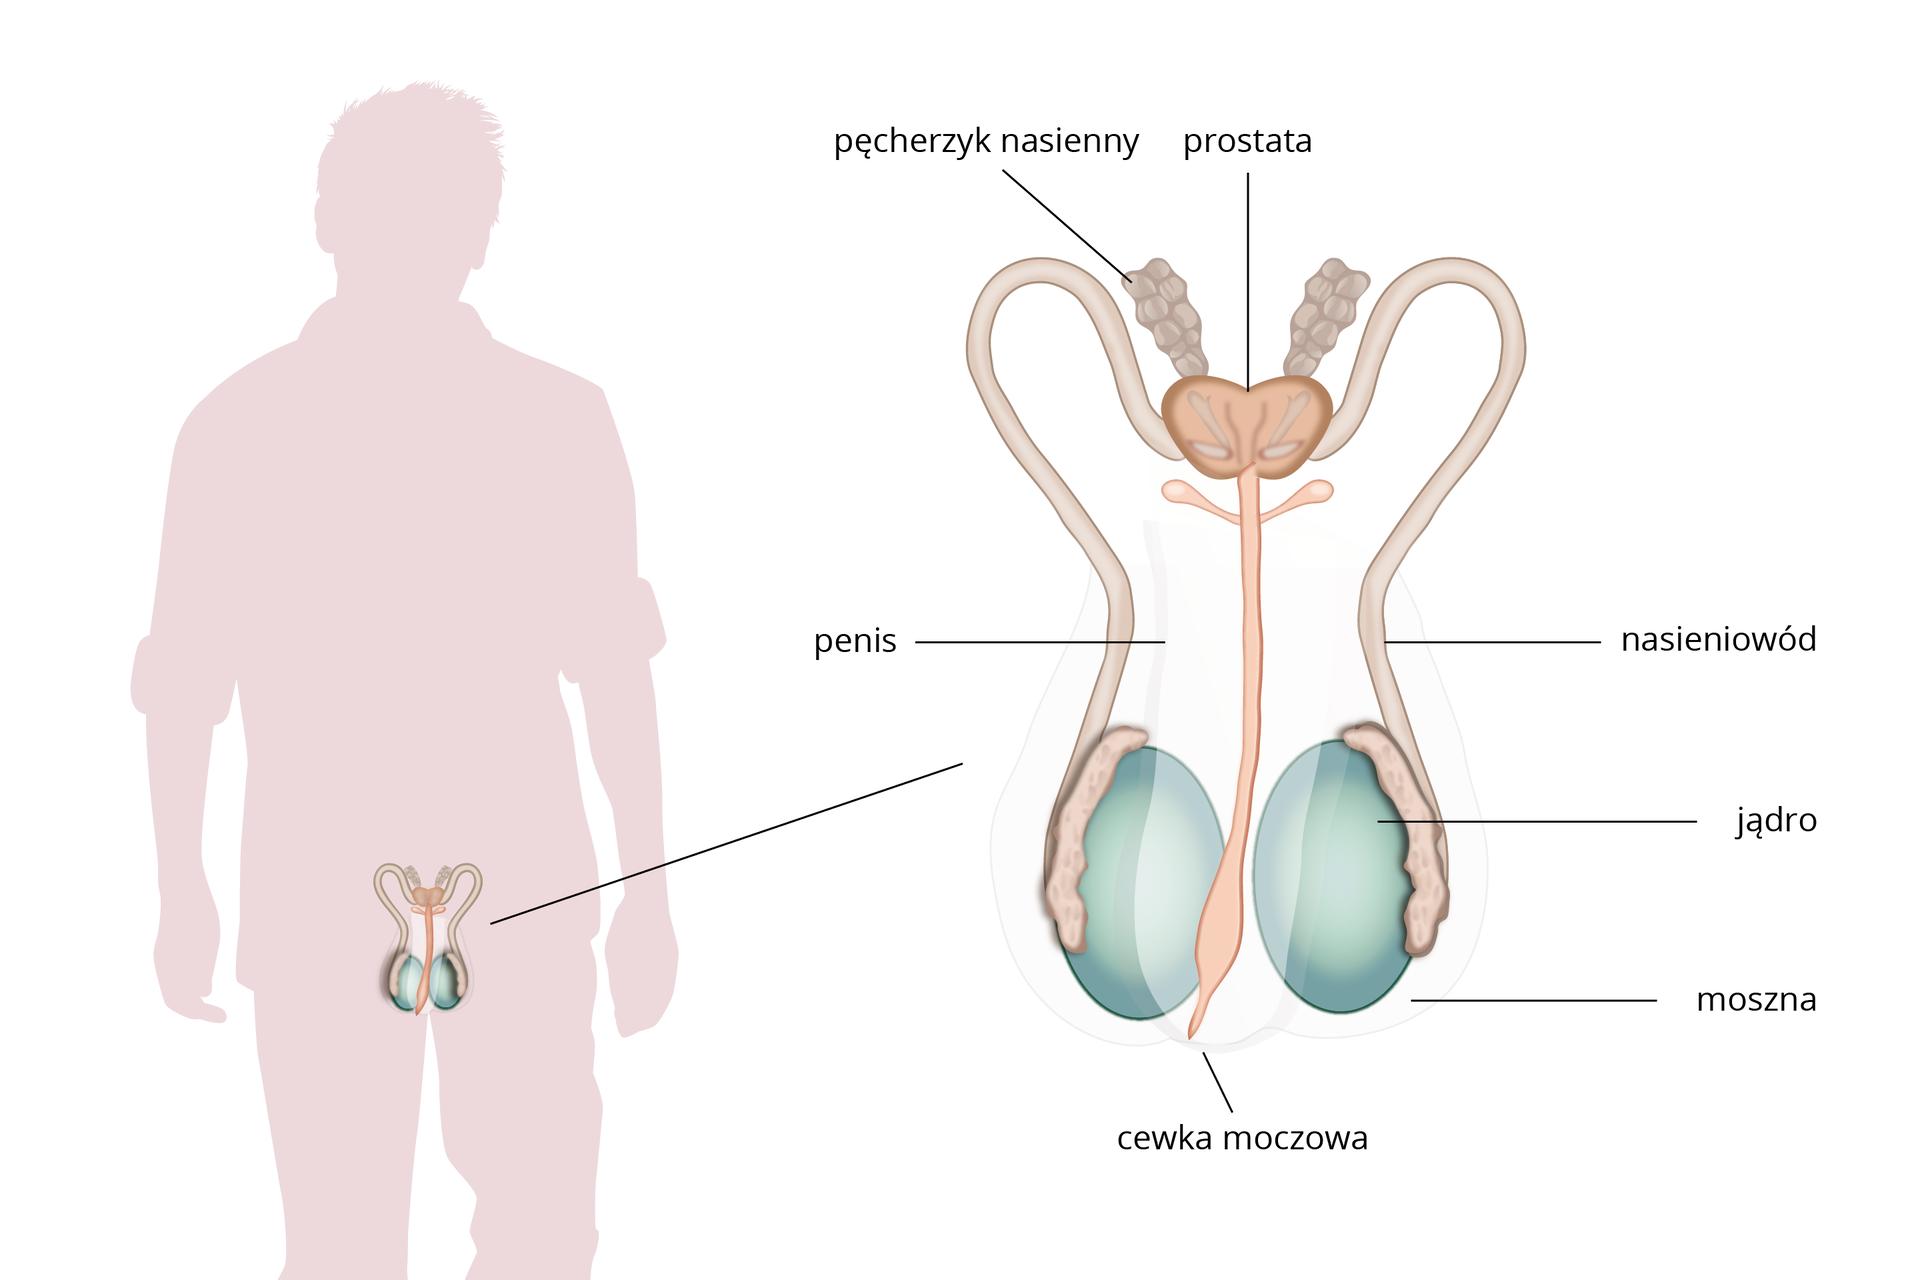 Schemat przedstawia budowę układu rozrodczego mężczyzny. Po lewej stronie sylwetka mężczyzny zukładem rozrodczym umieszczonym wobrębie miednicy. Po prawej stronie schemat układu rozrodczego zopisem. Kulistego kształtu parzyste jądra umieszczone wmosznie łączą się zdługimi przewodami – nasieniowodami. Następnie uchodzą do nich pęcherzyki nasienne. Nieparzysta prostata łączy się cewką moczową, która biegnie wobrębie prącia.